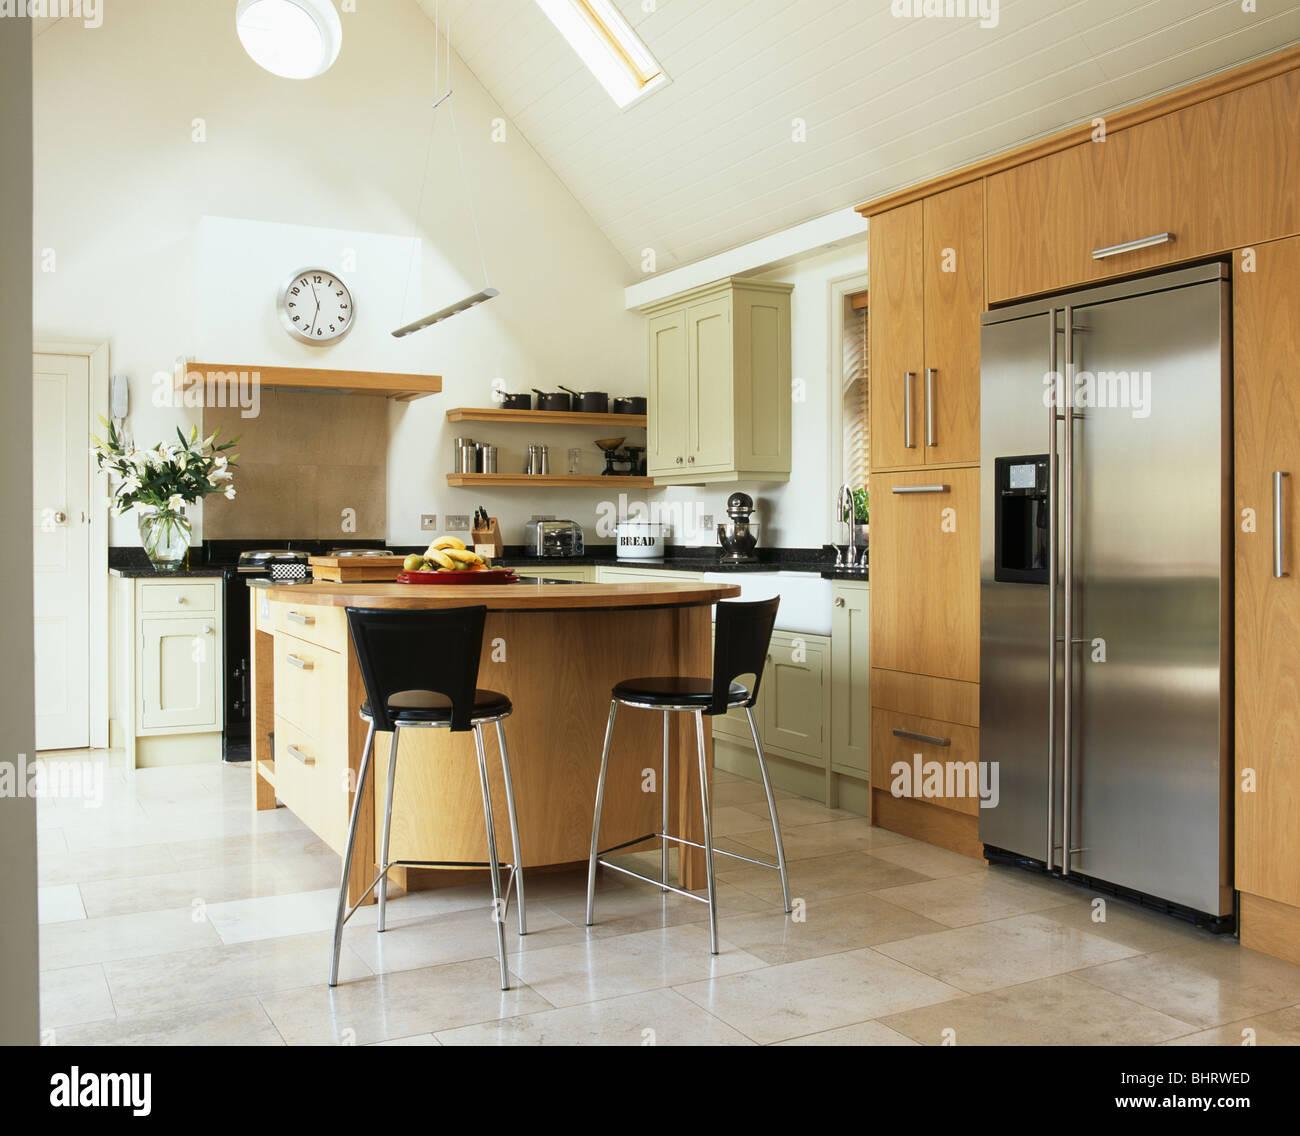 Metall Stuhl Am Frühstücks Bar Auf Der Insel Einheit In Modernen Küche Mit  Eingebauten Edelstahl Amerikanische Kühl Gefrierkombination